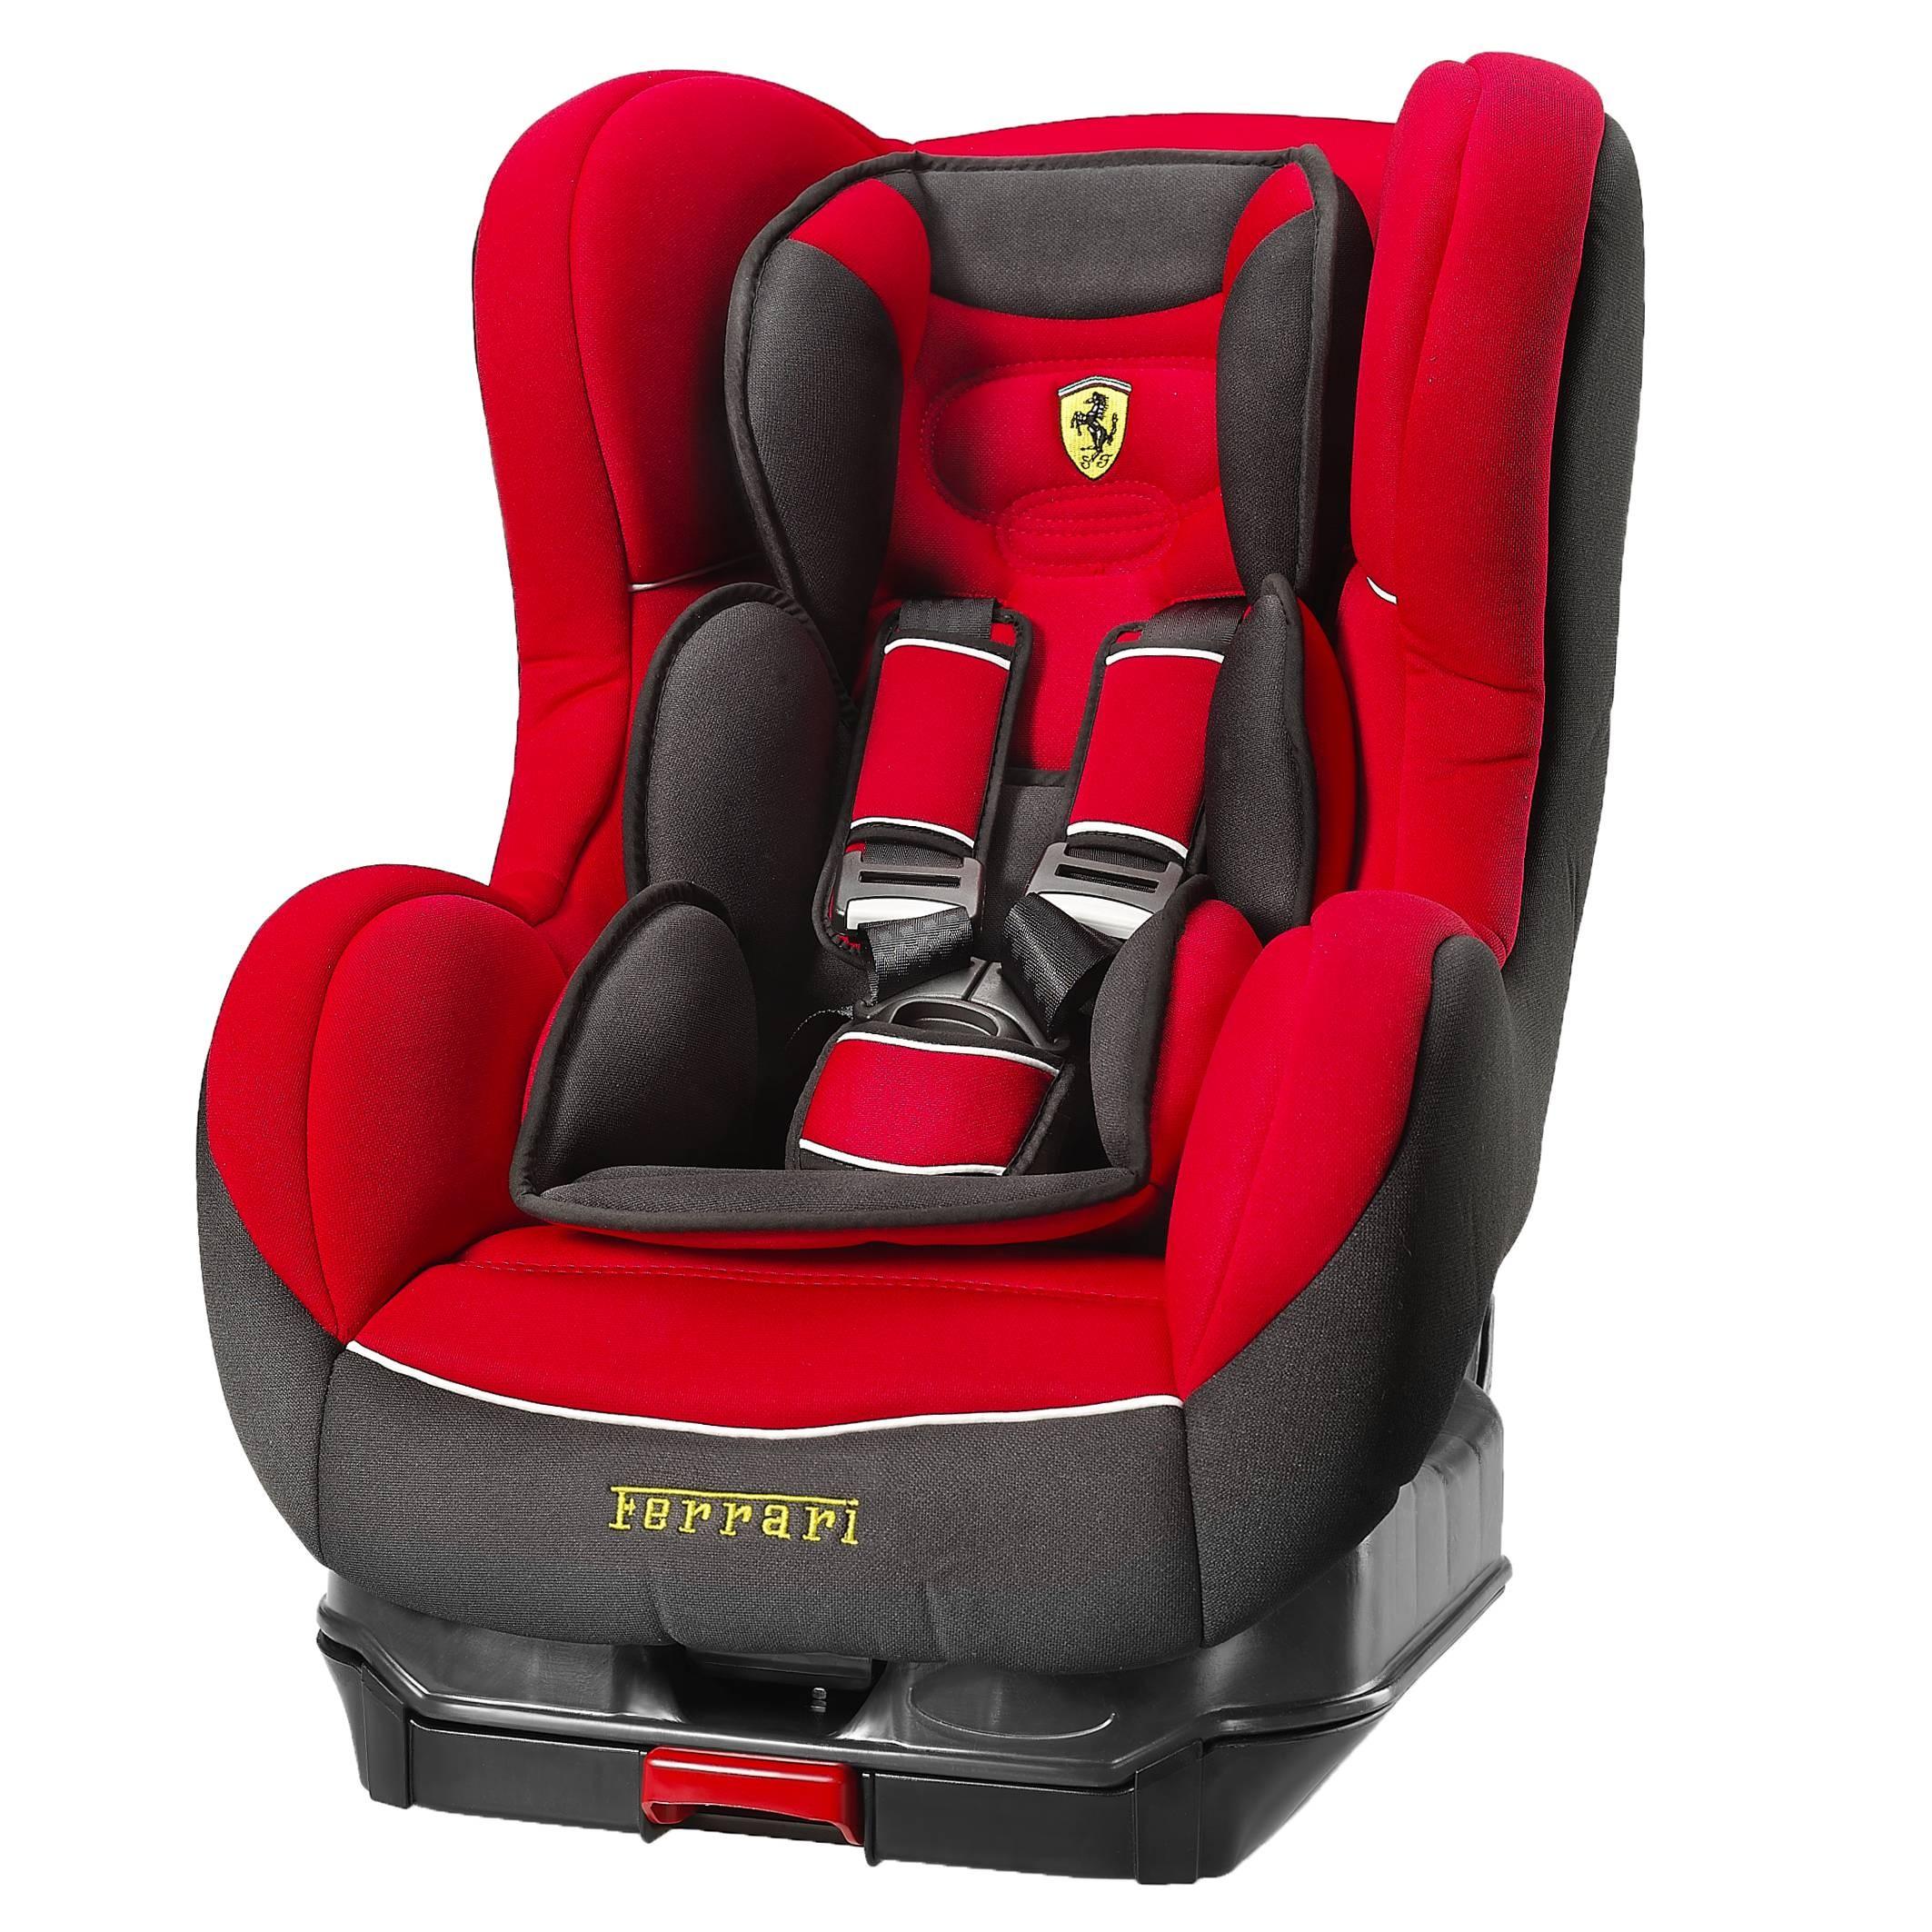 Ferrari Baby seat Cosmo SP isofix